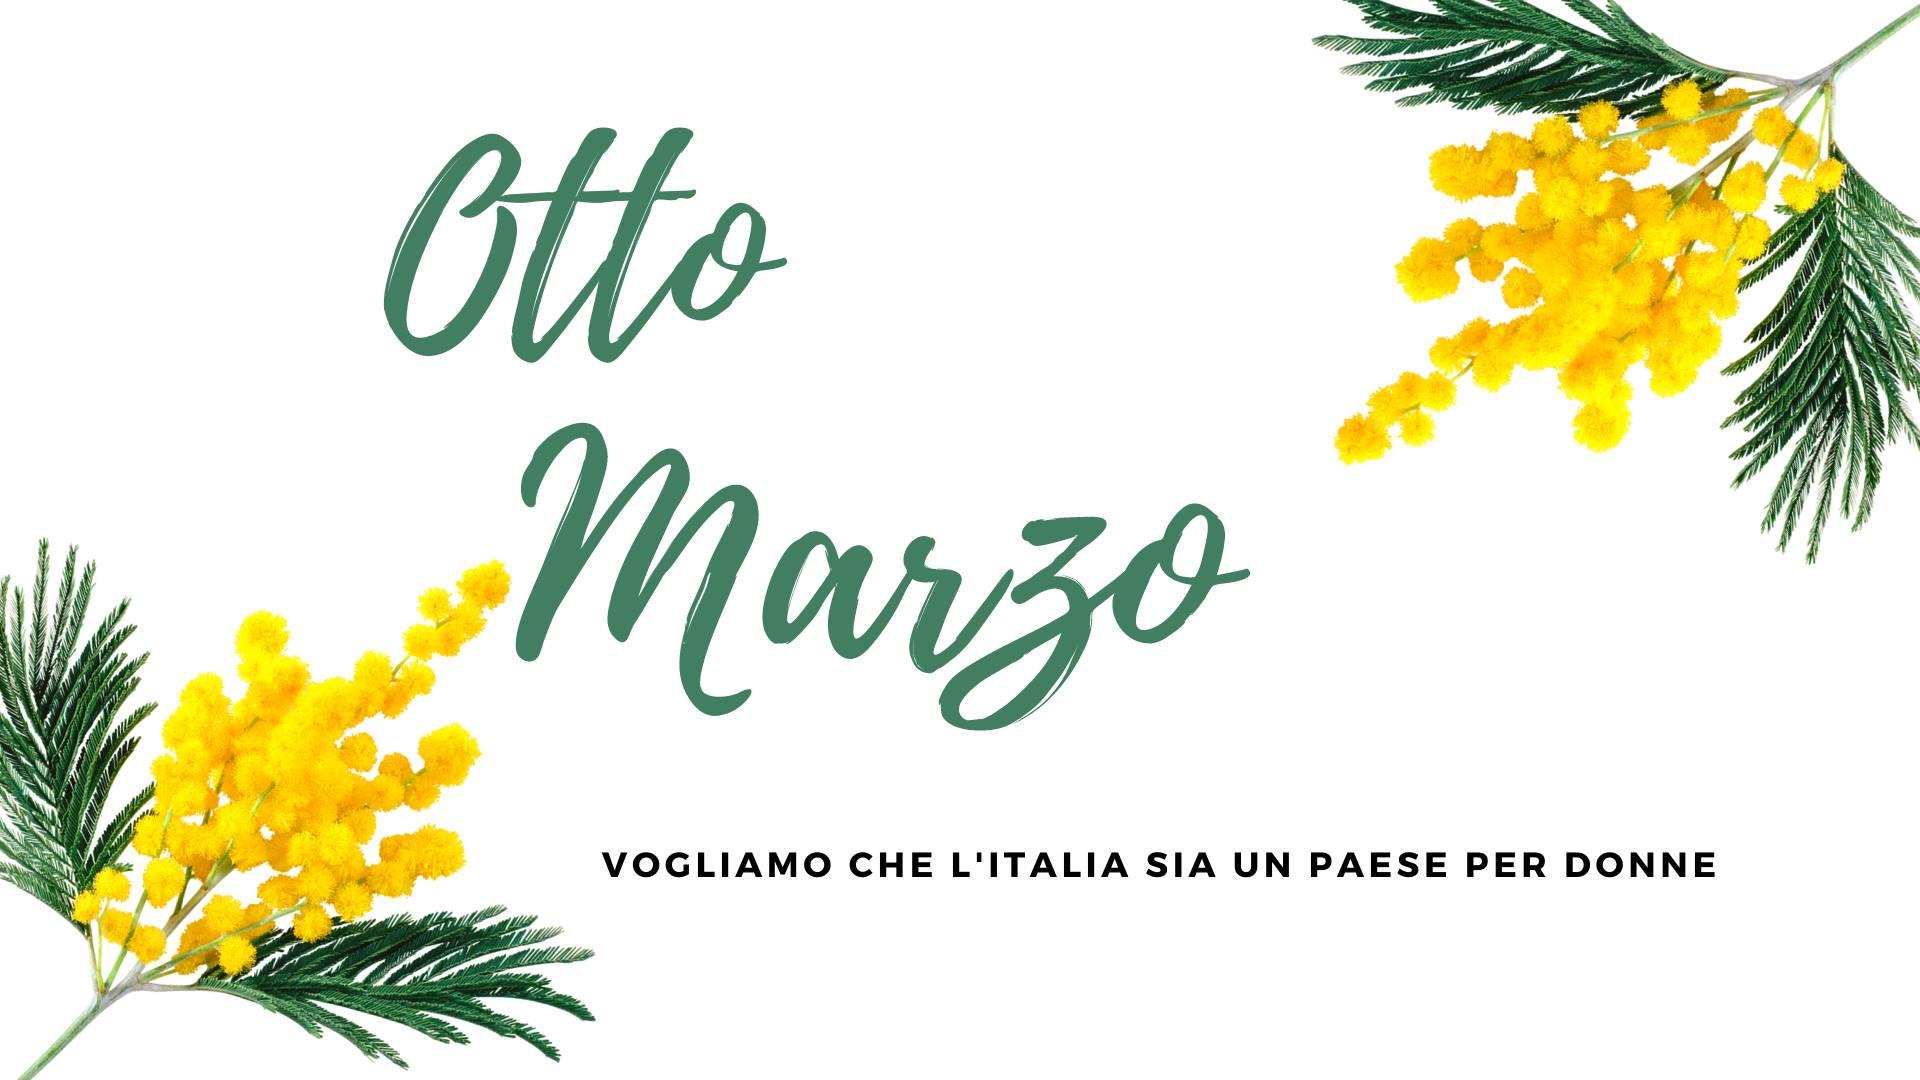 Vogliamo che l'Italia sia un paese per donne. 8 marzo 2021